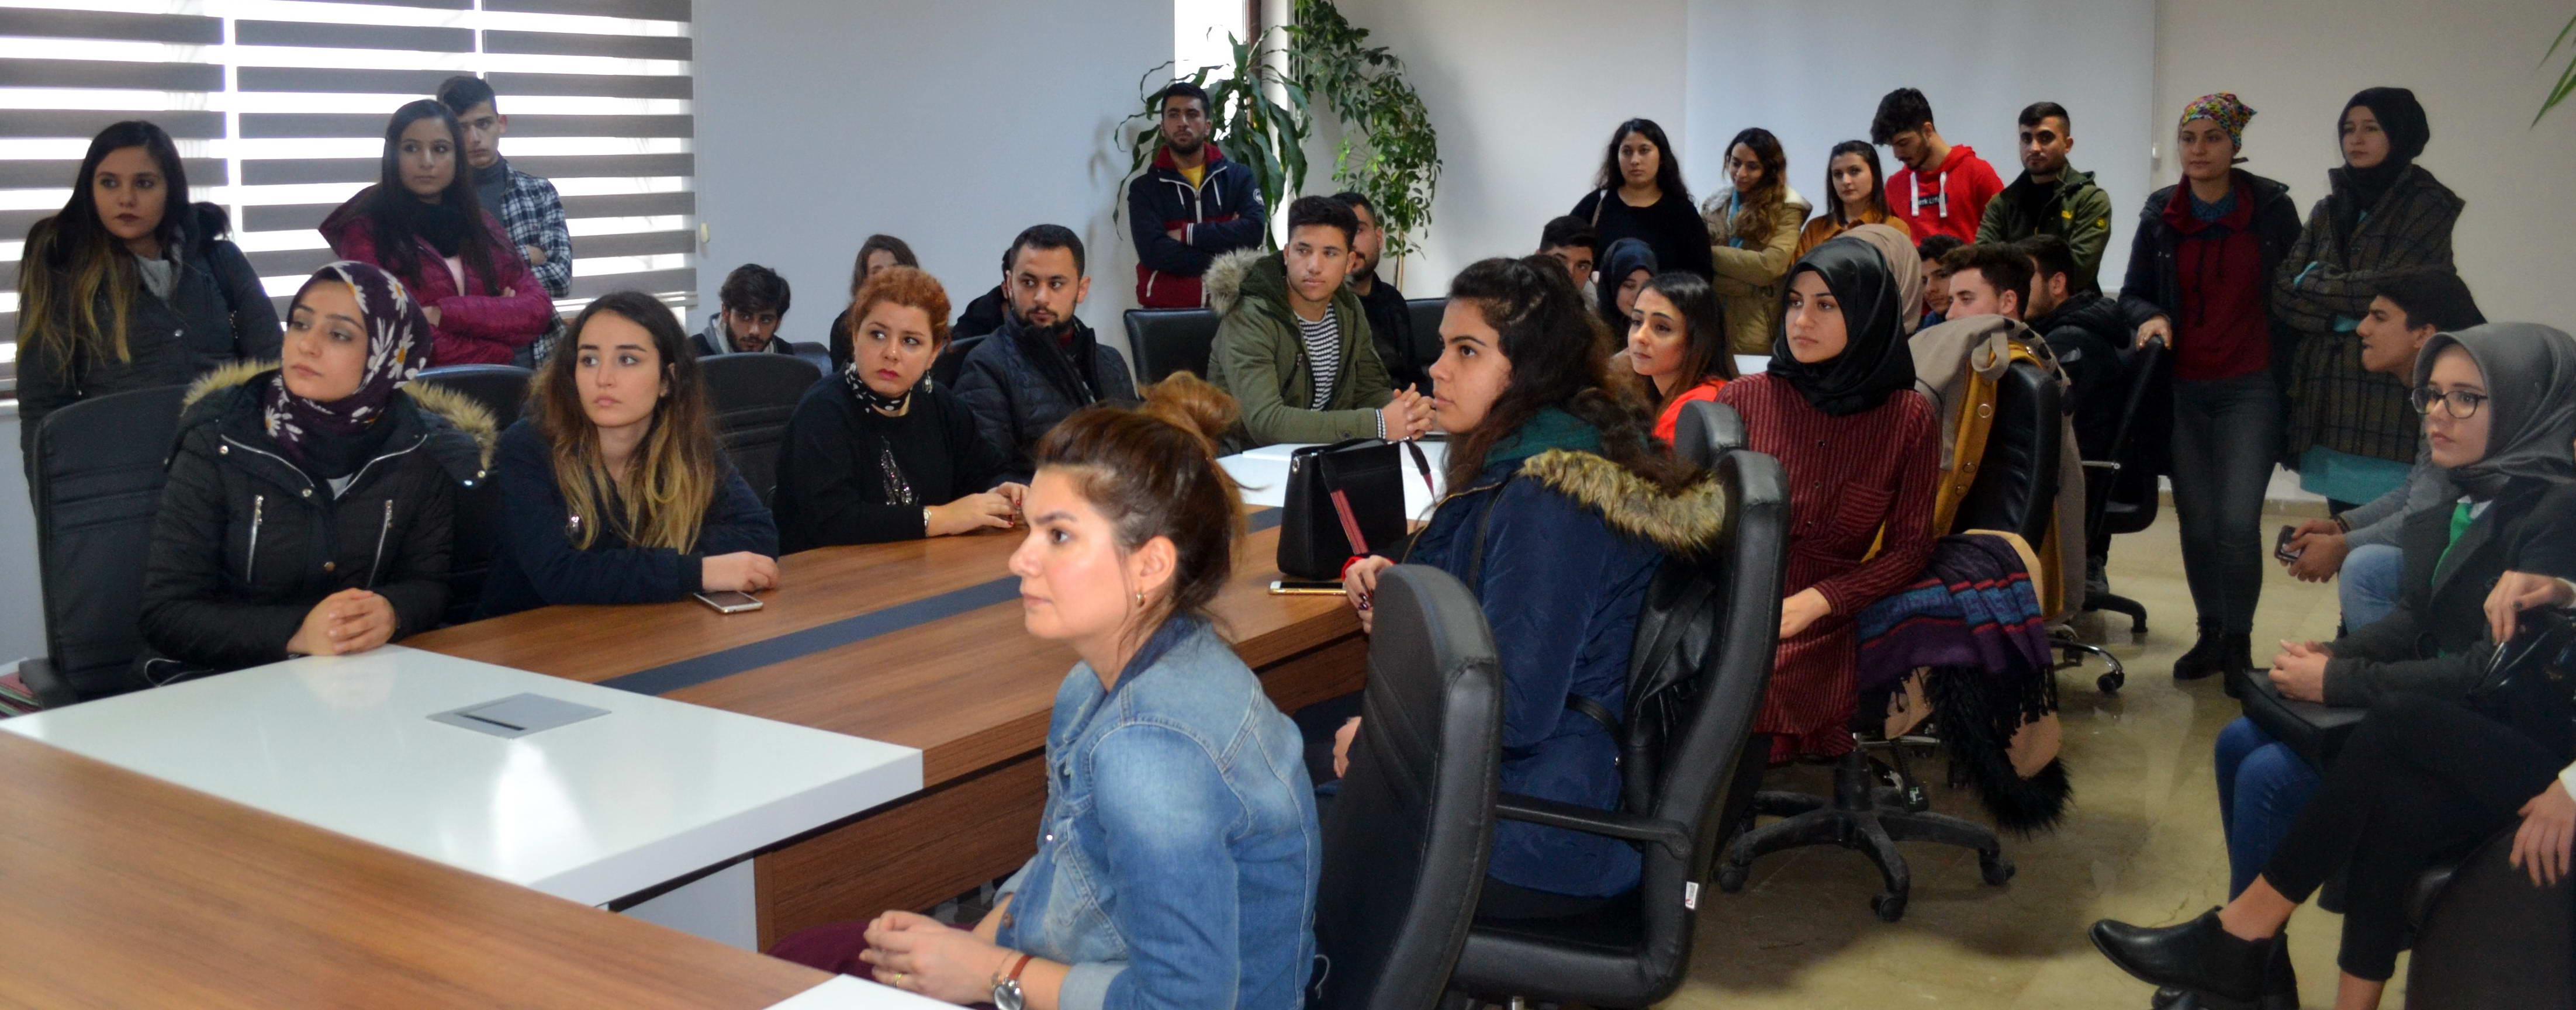 Oğuzeli MYO Lojistik Programı Öğrencilerinin Gaziantep Gümrük Müdürlüğüne Teknik Gezisi -  (2)